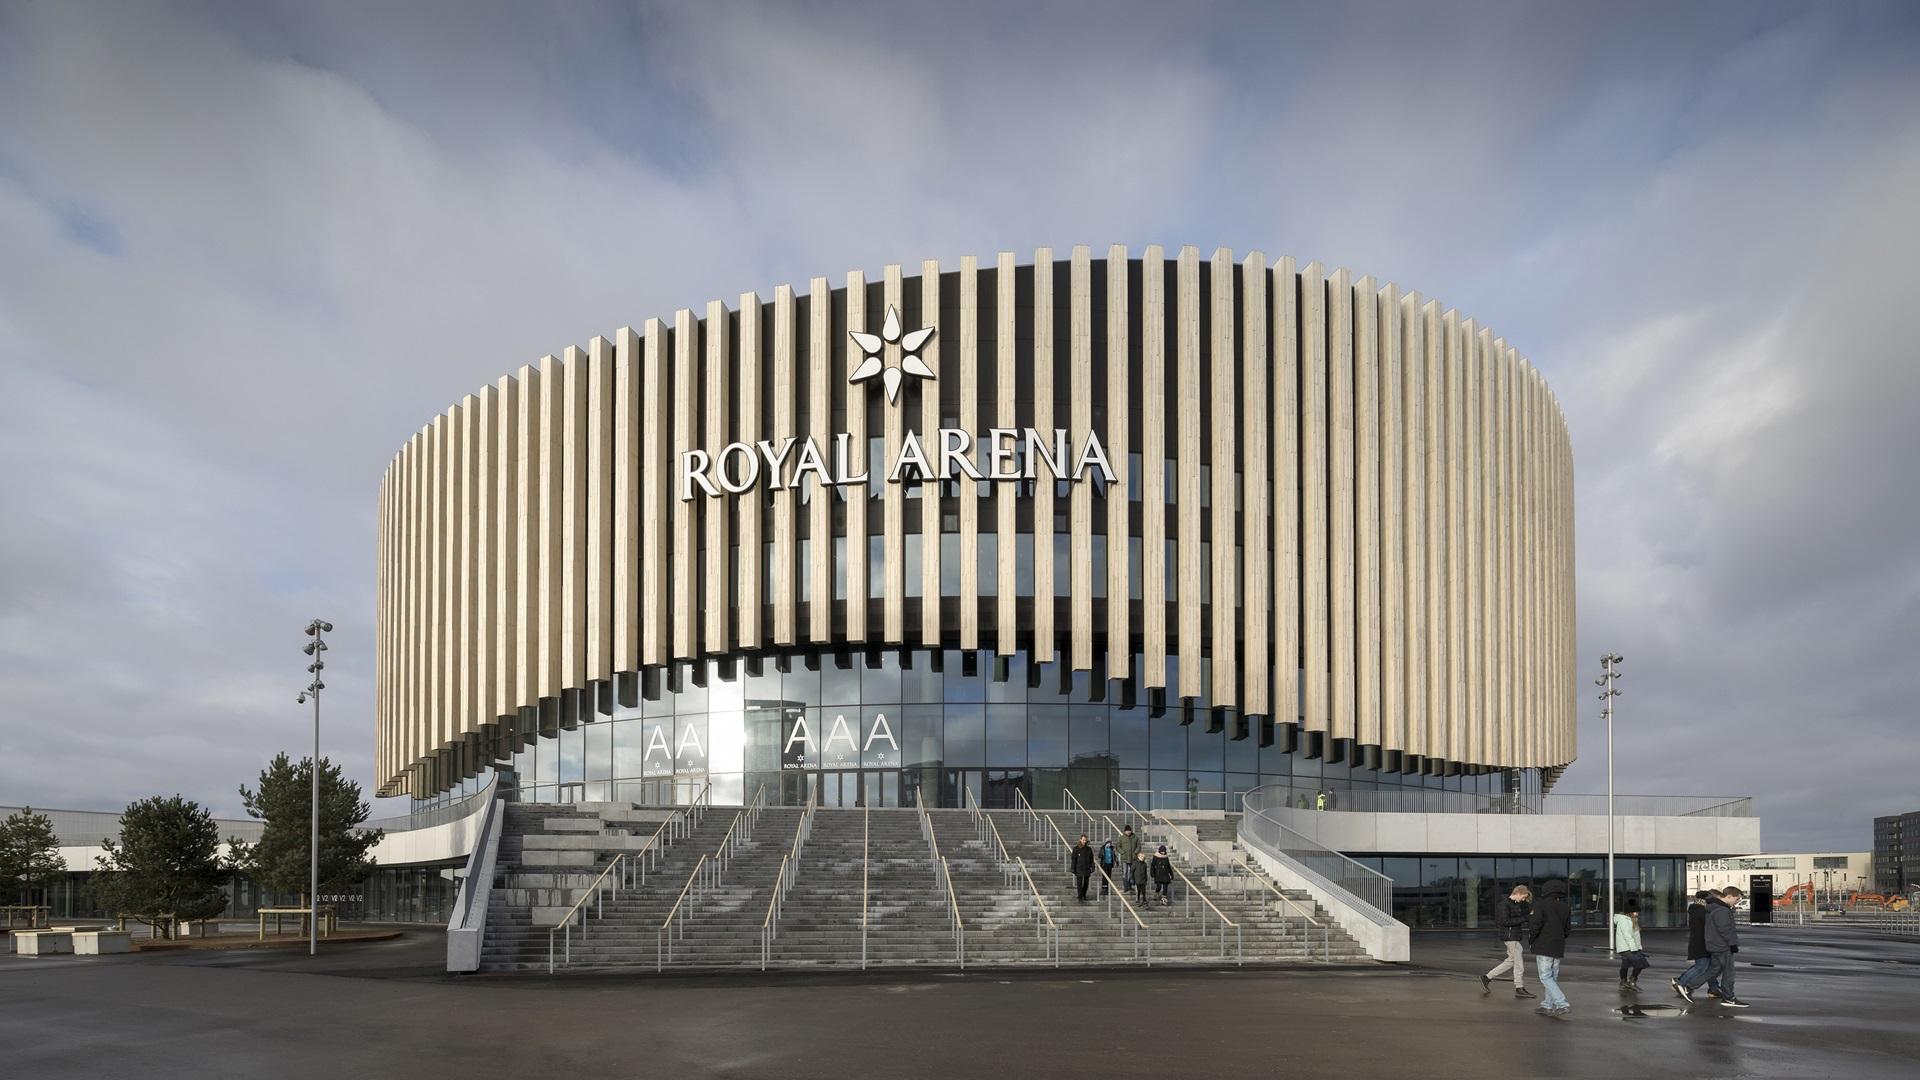 royal arena ørestad syd